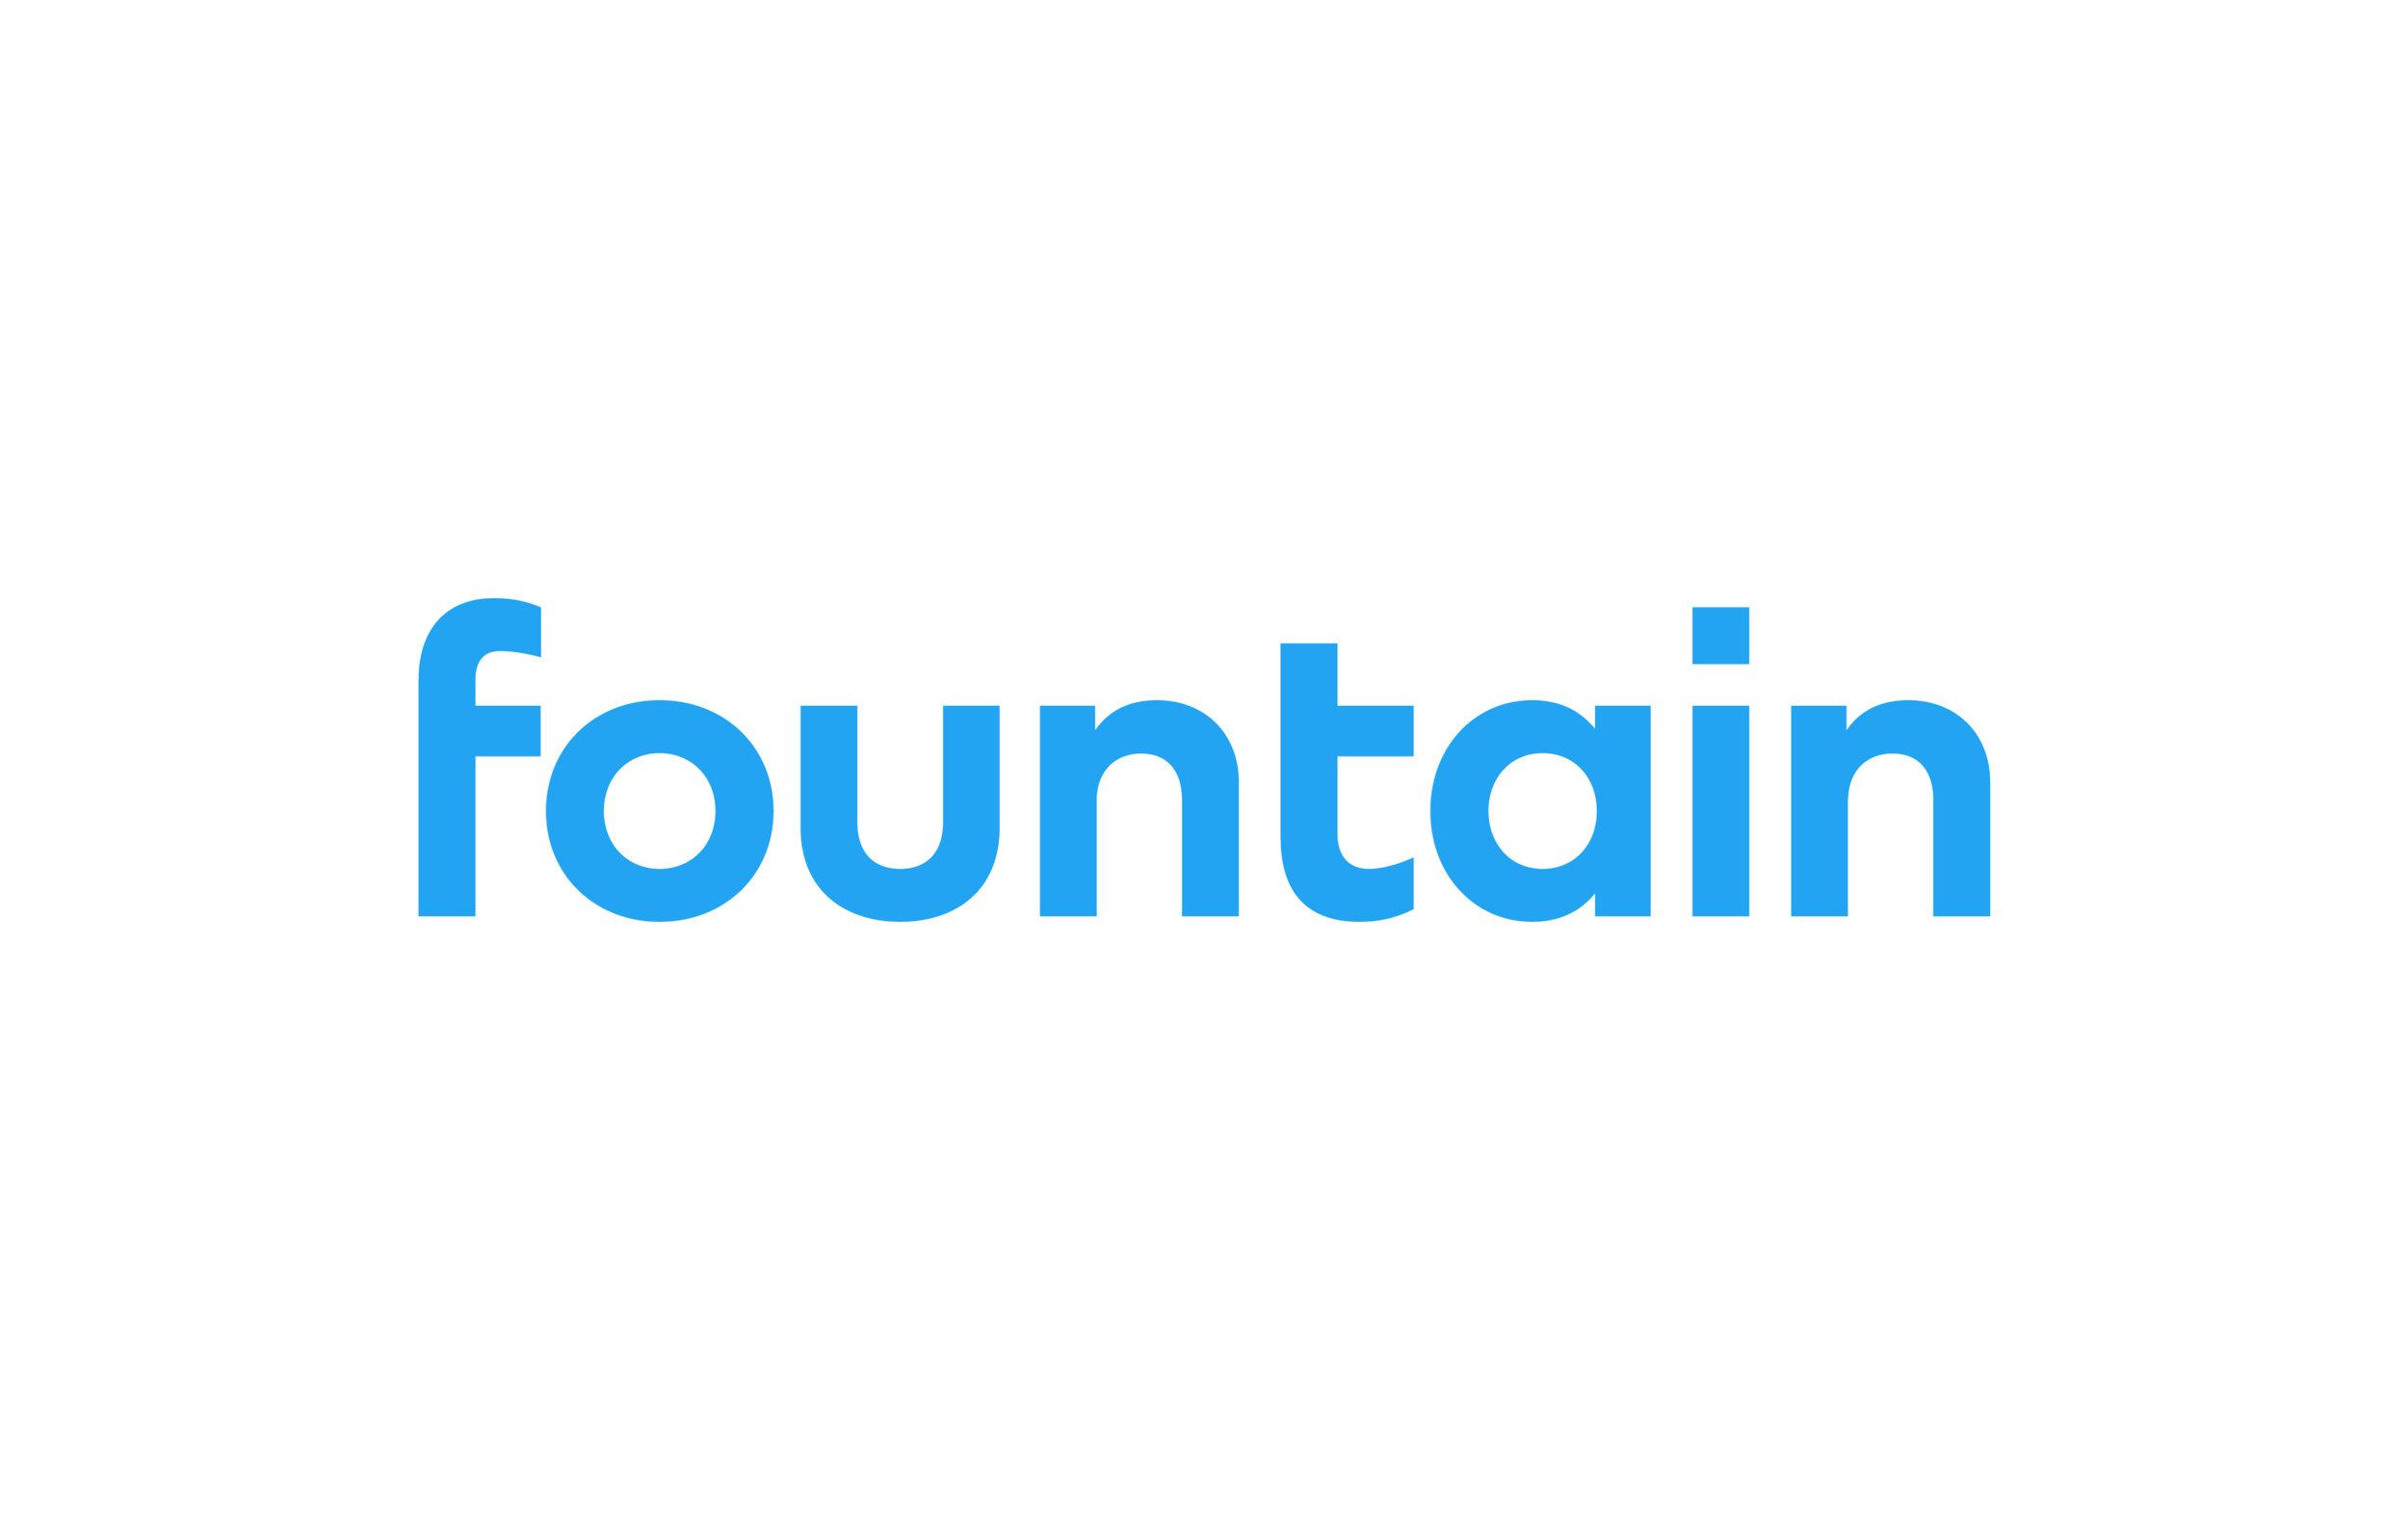 Fountain-Blog-Featured-2.jpg